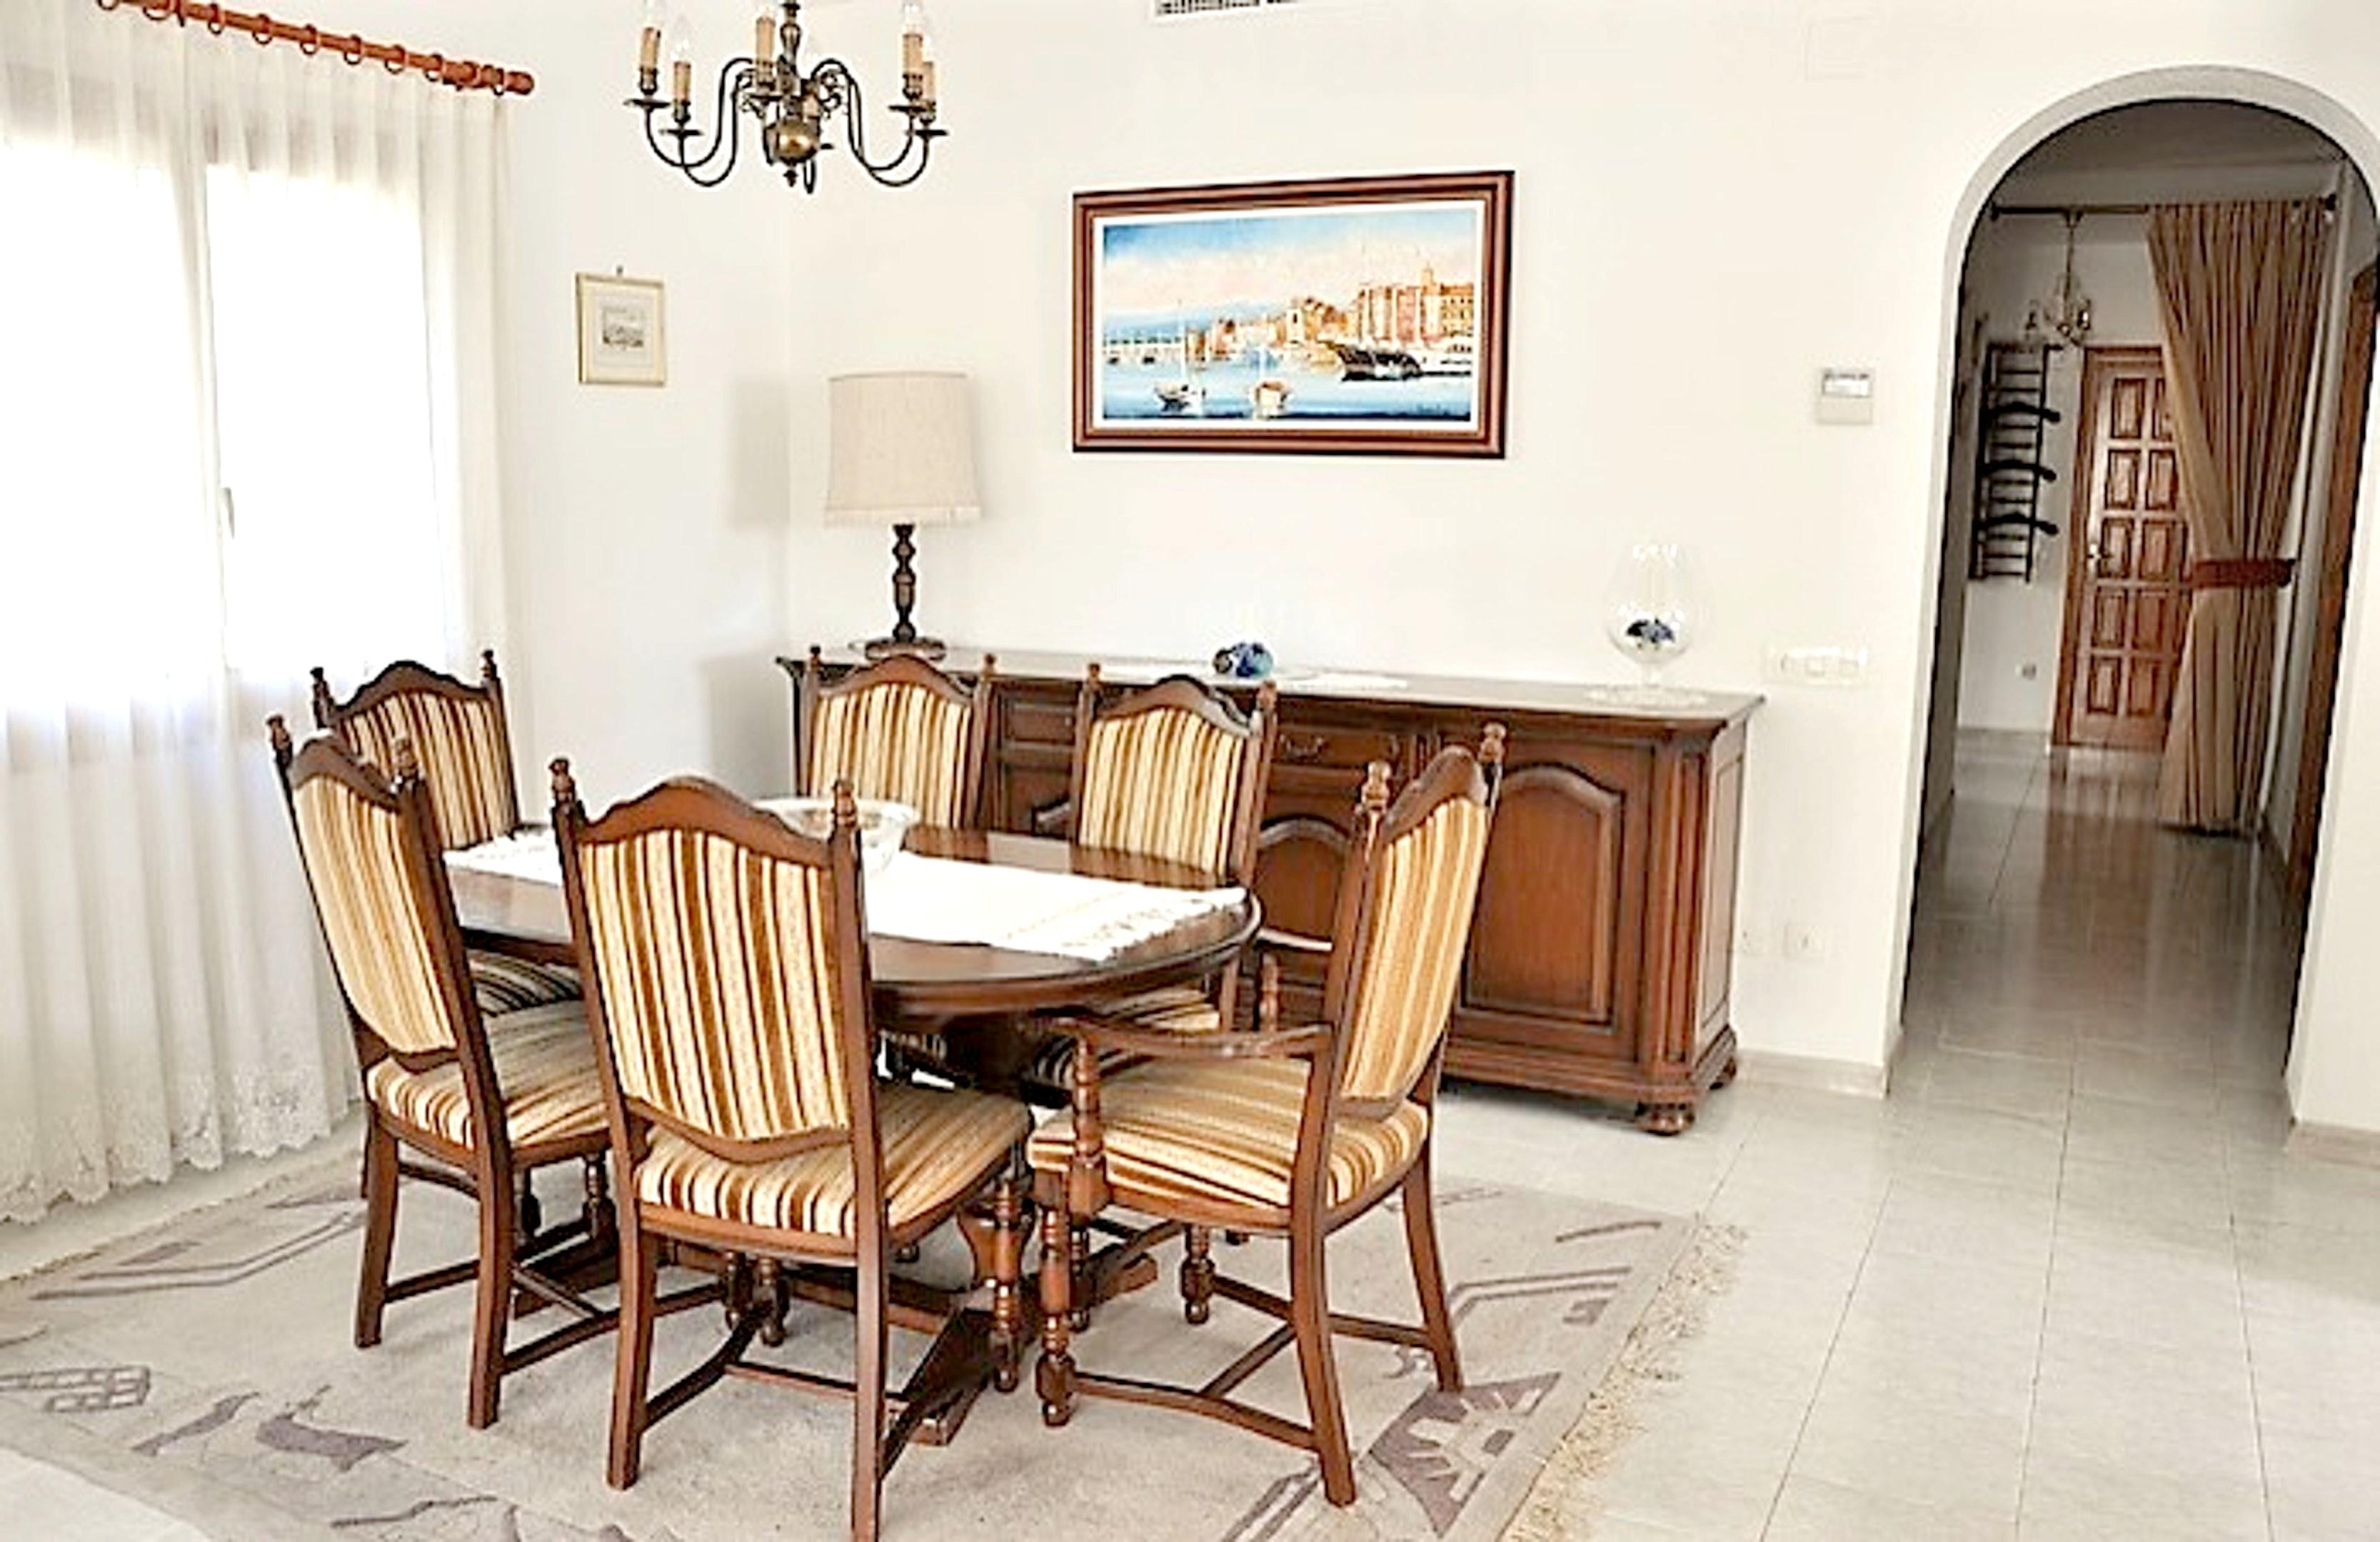 Ferienhaus Villa mit 3 Schlafzimmern in Ampolla mit herrlichem Meerblick, privatem Pool, möbliertem G (2201036), L'Ampolla, Costa Dorada, Katalonien, Spanien, Bild 19